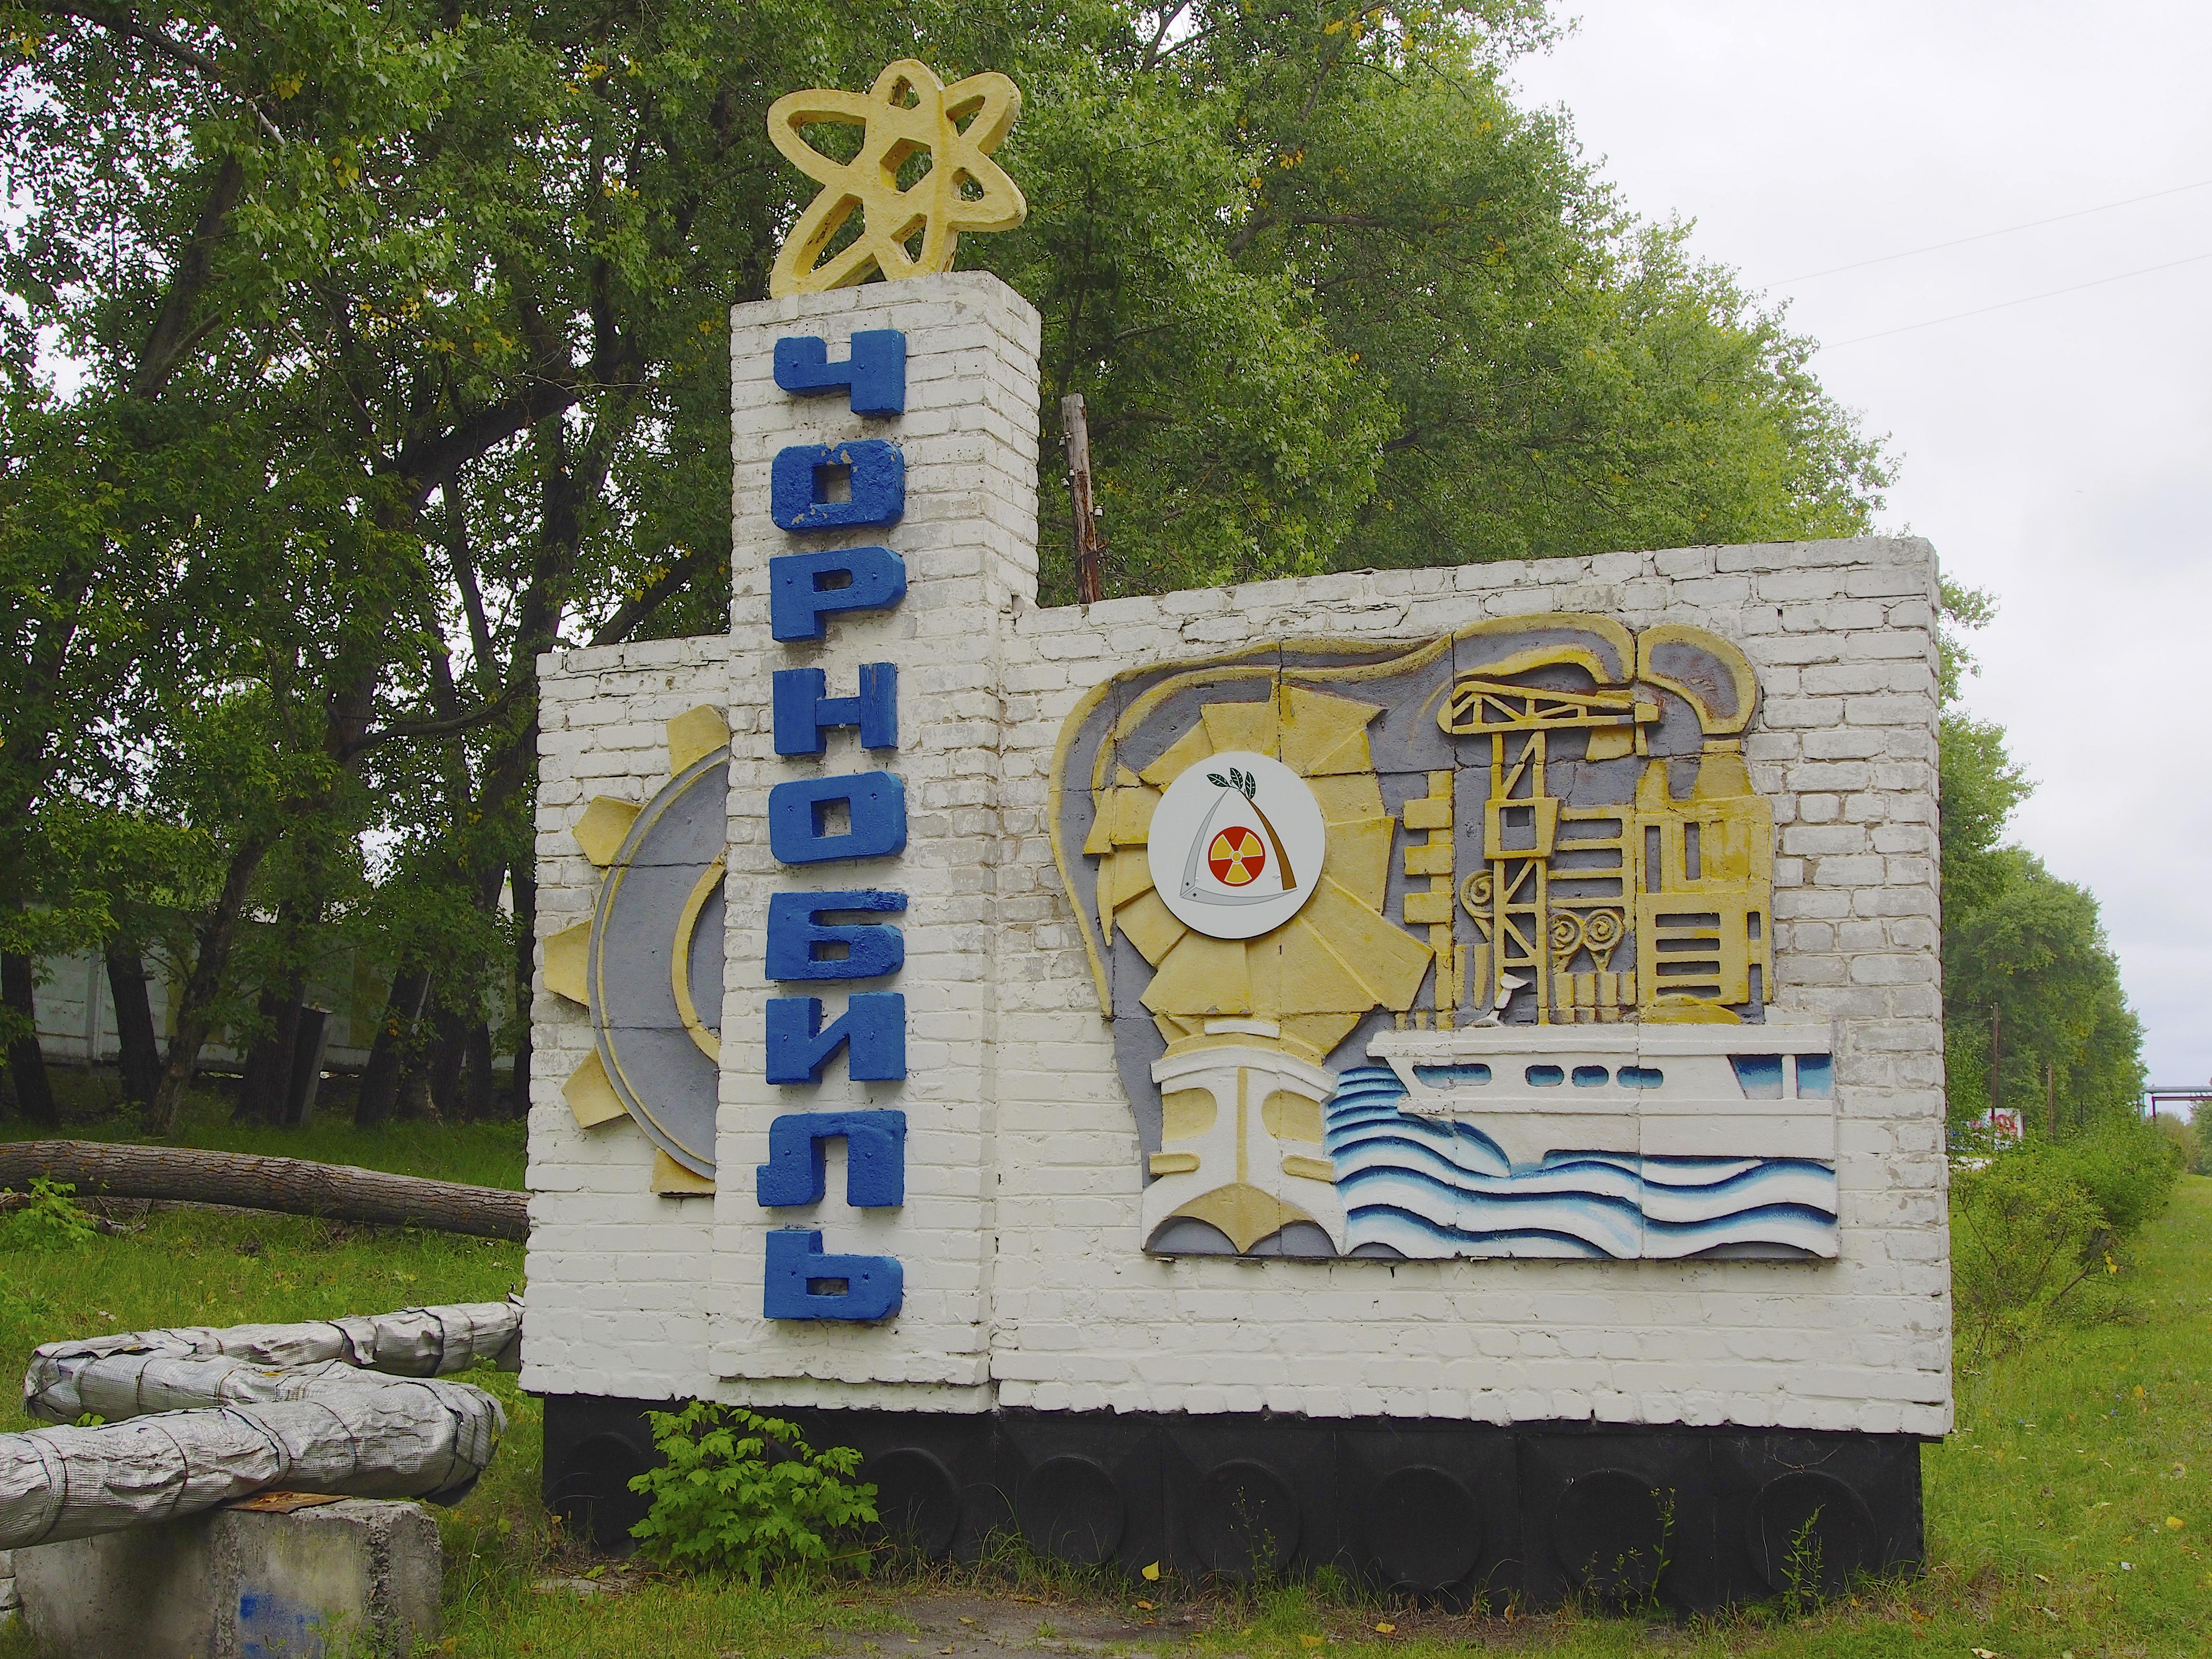 История чернобыля, до и после аварии: что творится в городе и зоне